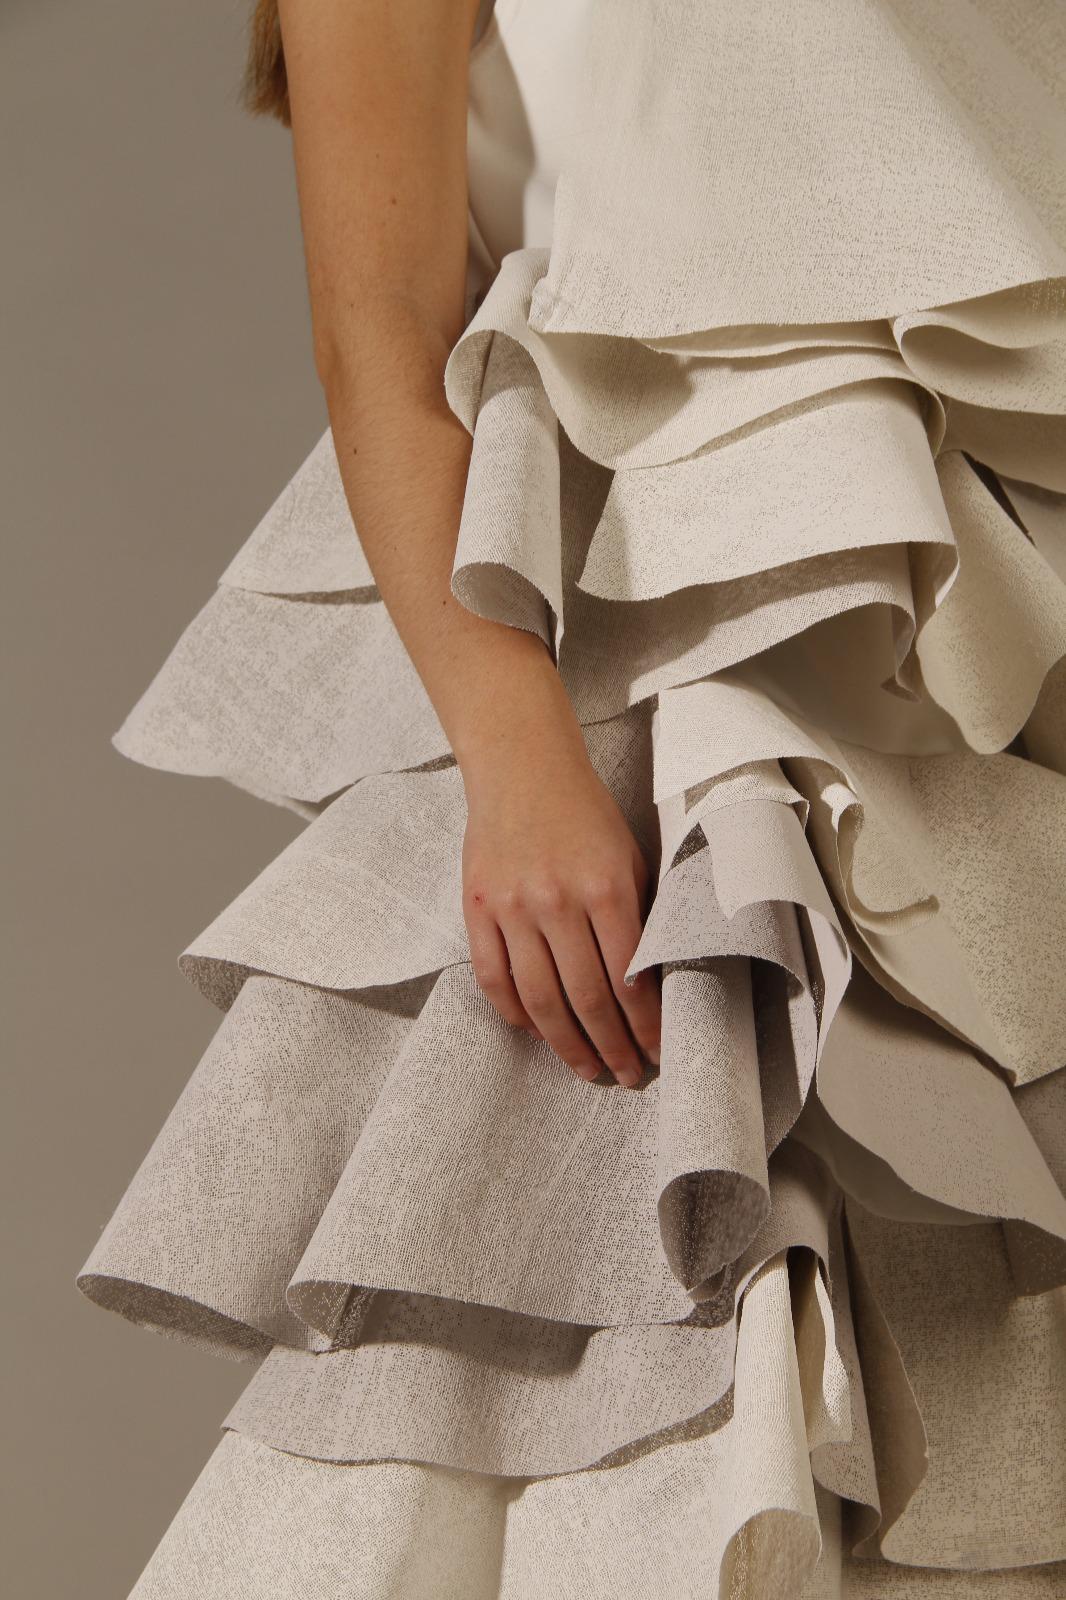 Reflejo de una sociedad virtual – Materiales y estructuras textiles